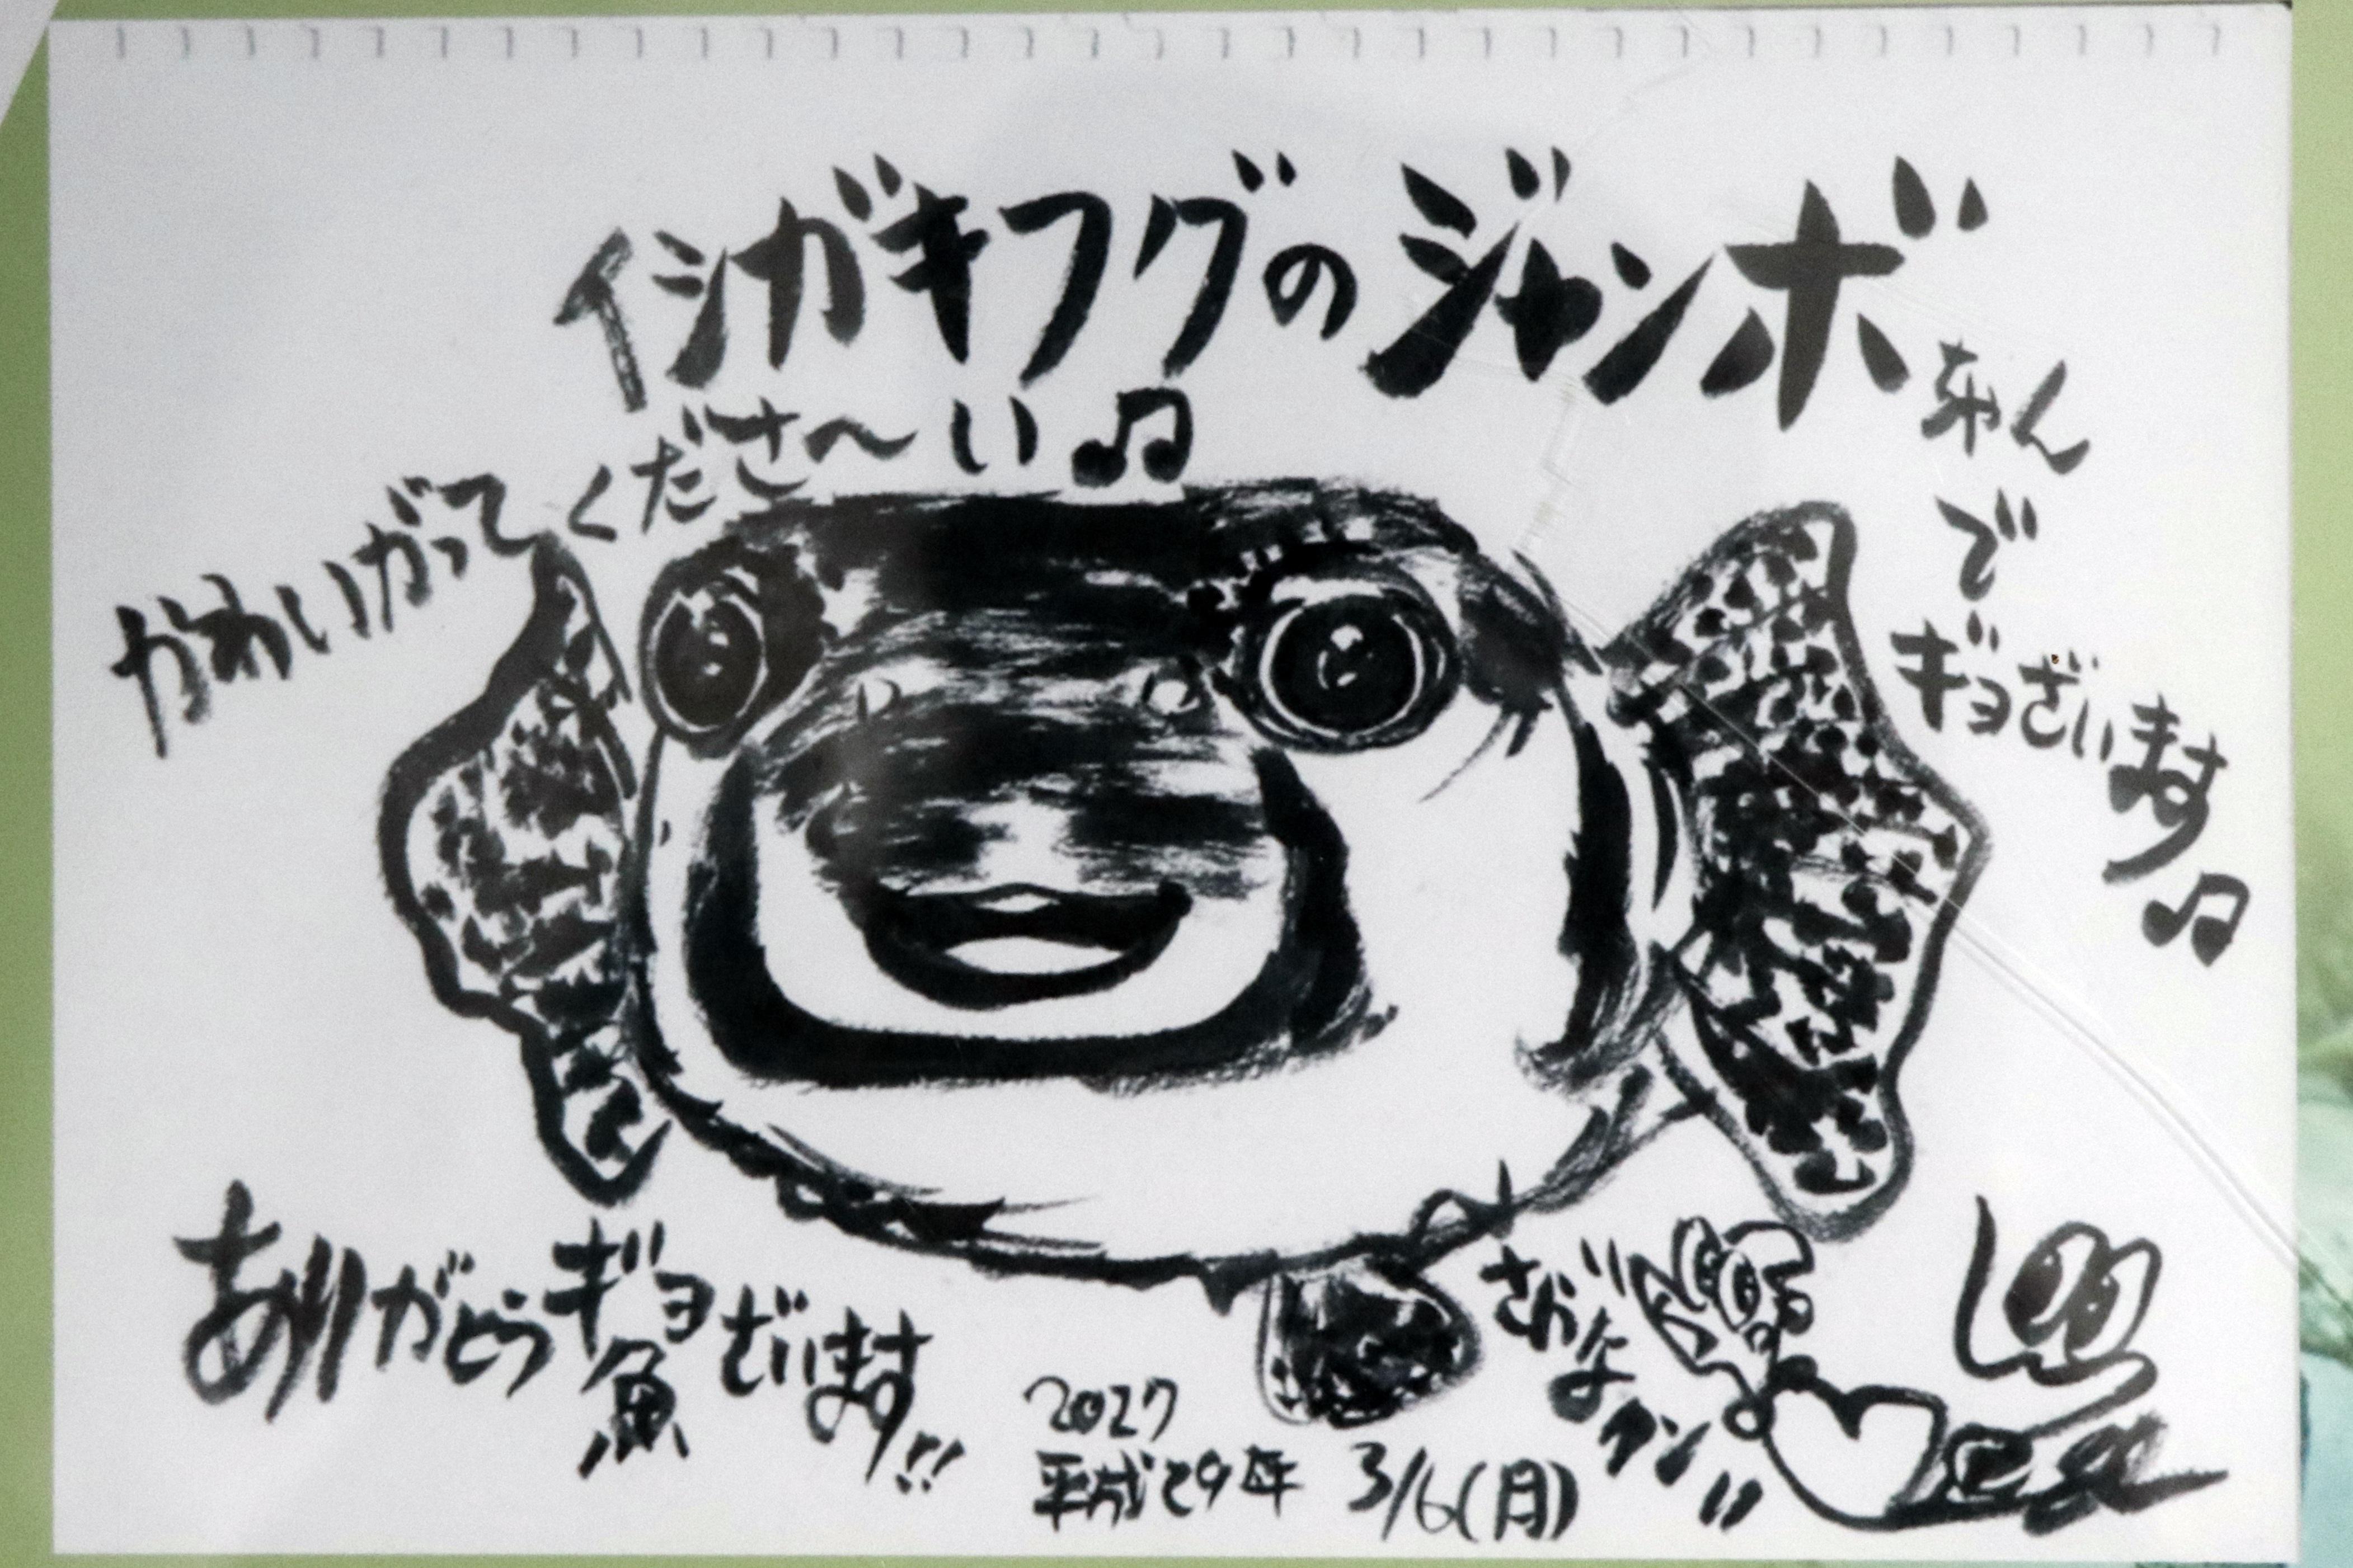 さかなクンによるイシガキフグのイラスト紹介